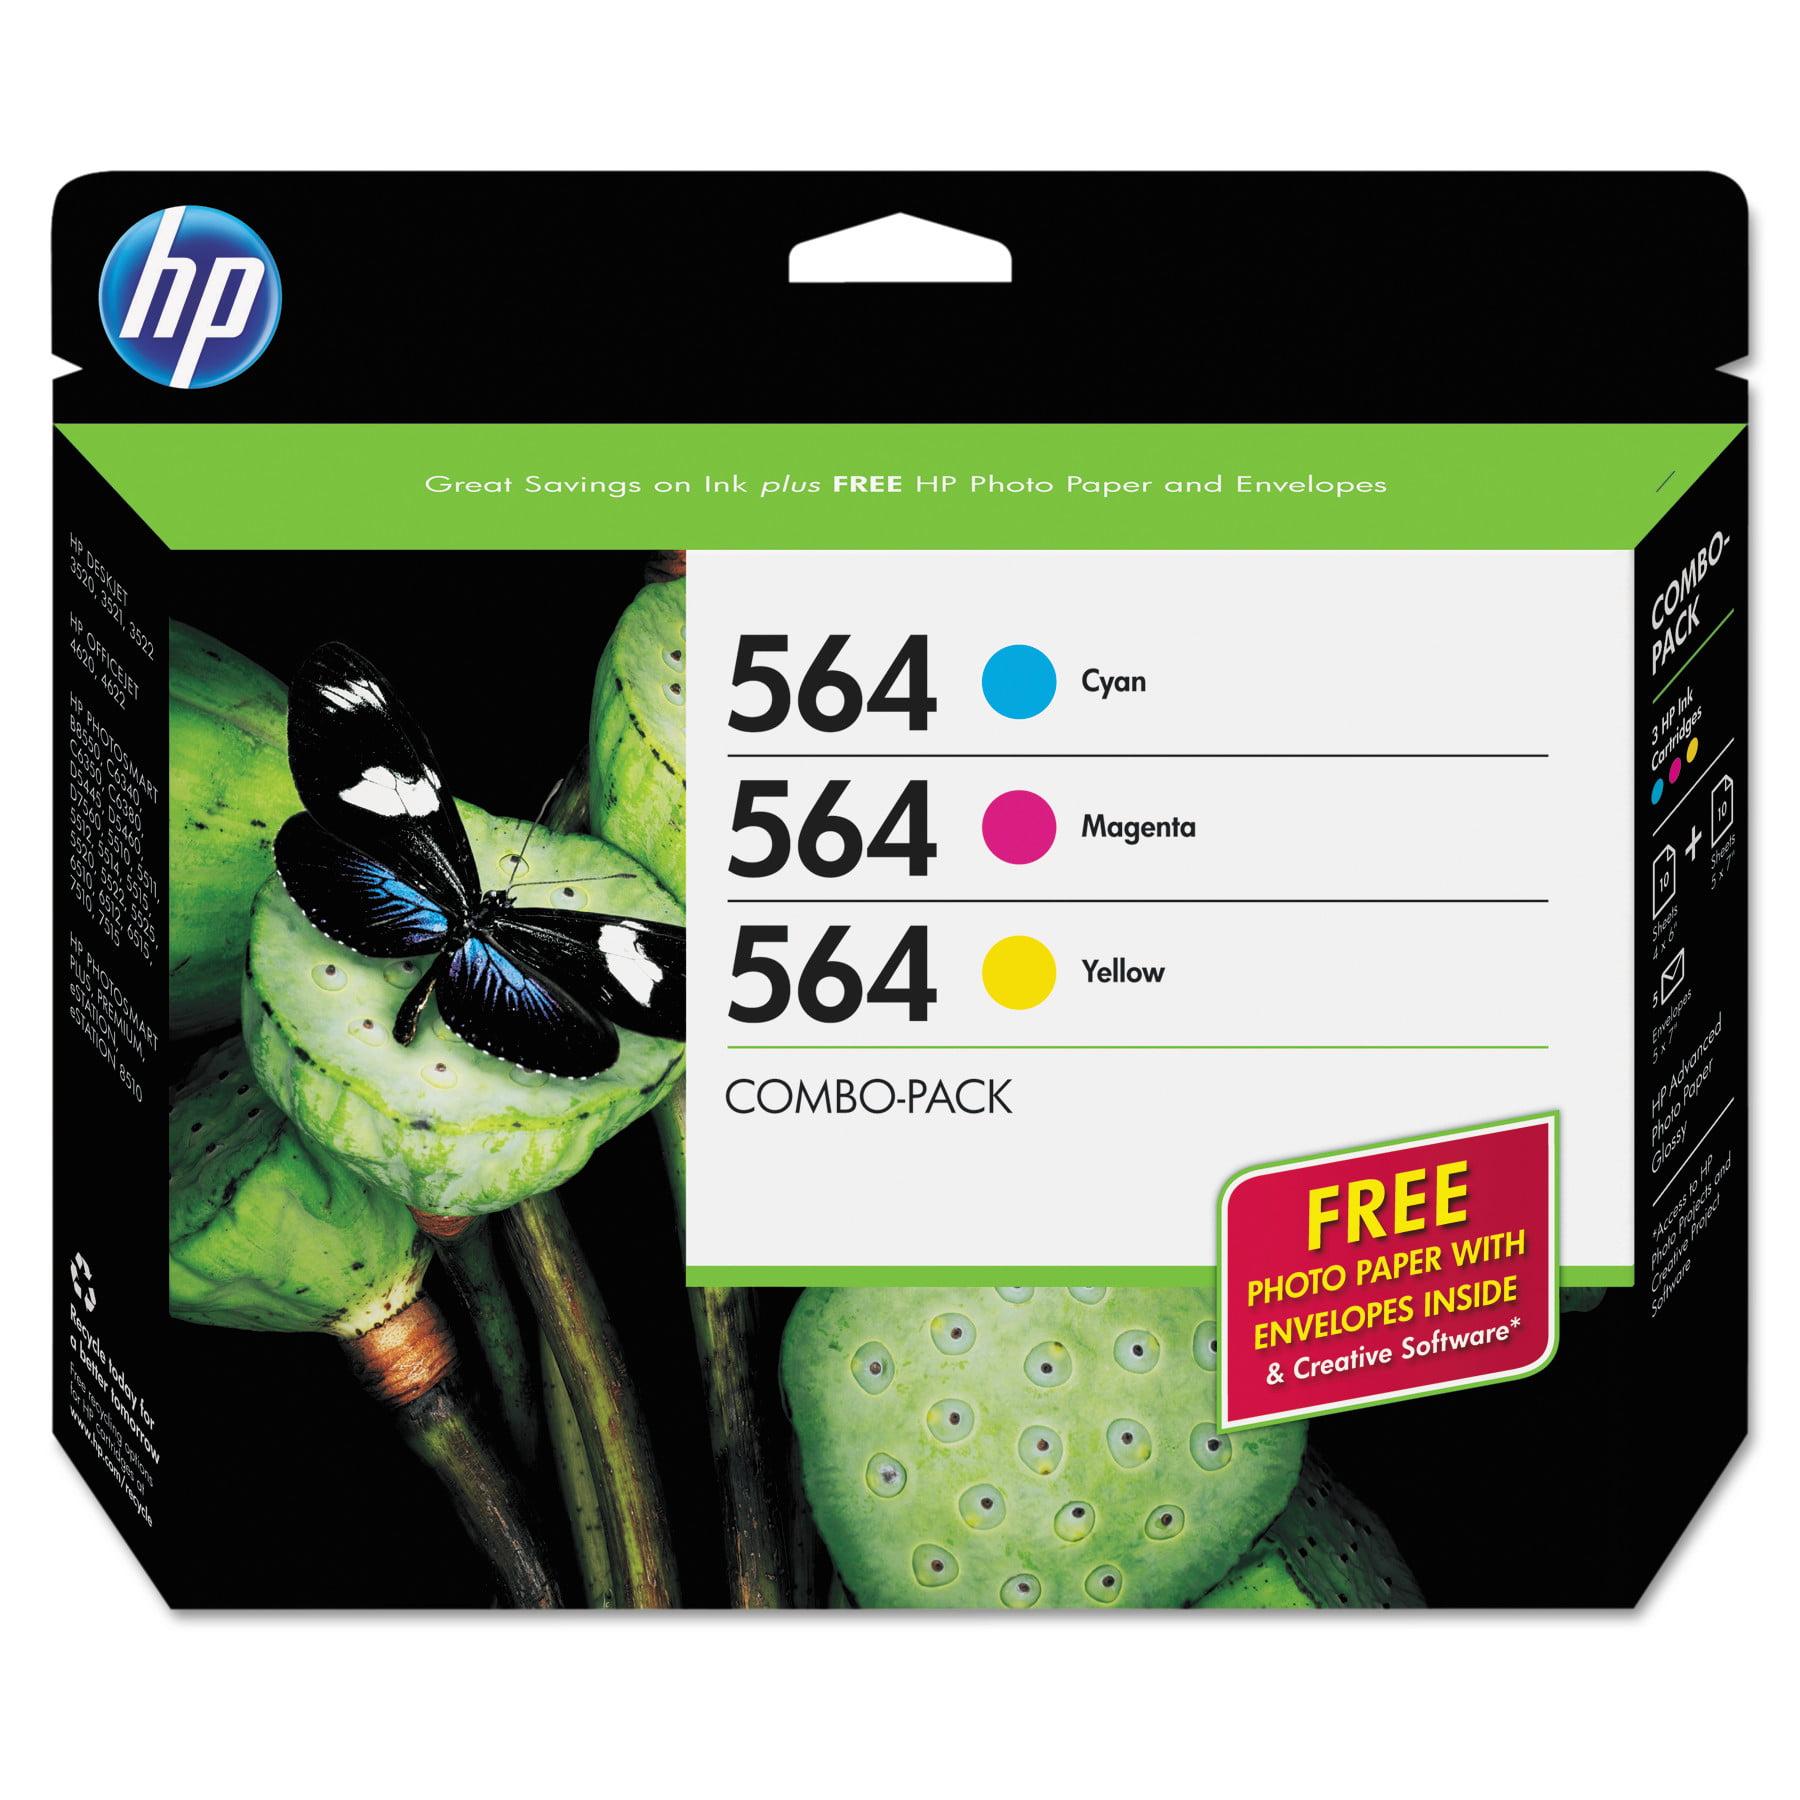 HP HP 564, (B3B33FN) 3-pack Cyan/Magenta/Yellow Original Ink w/Photo Paper